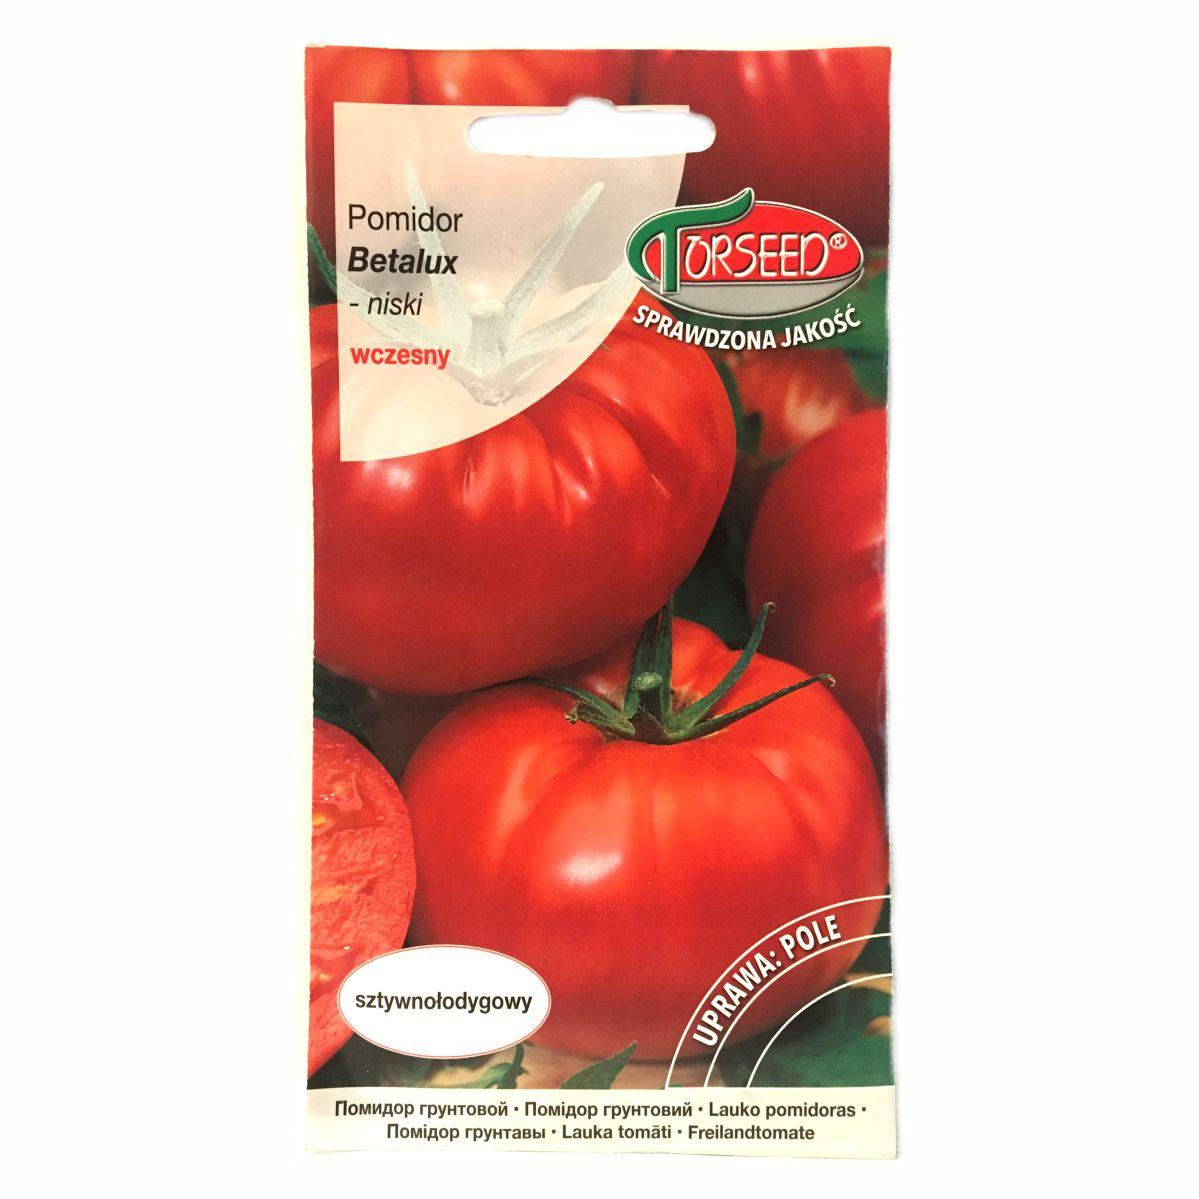 Pomidor Betalux nasiona Torseed